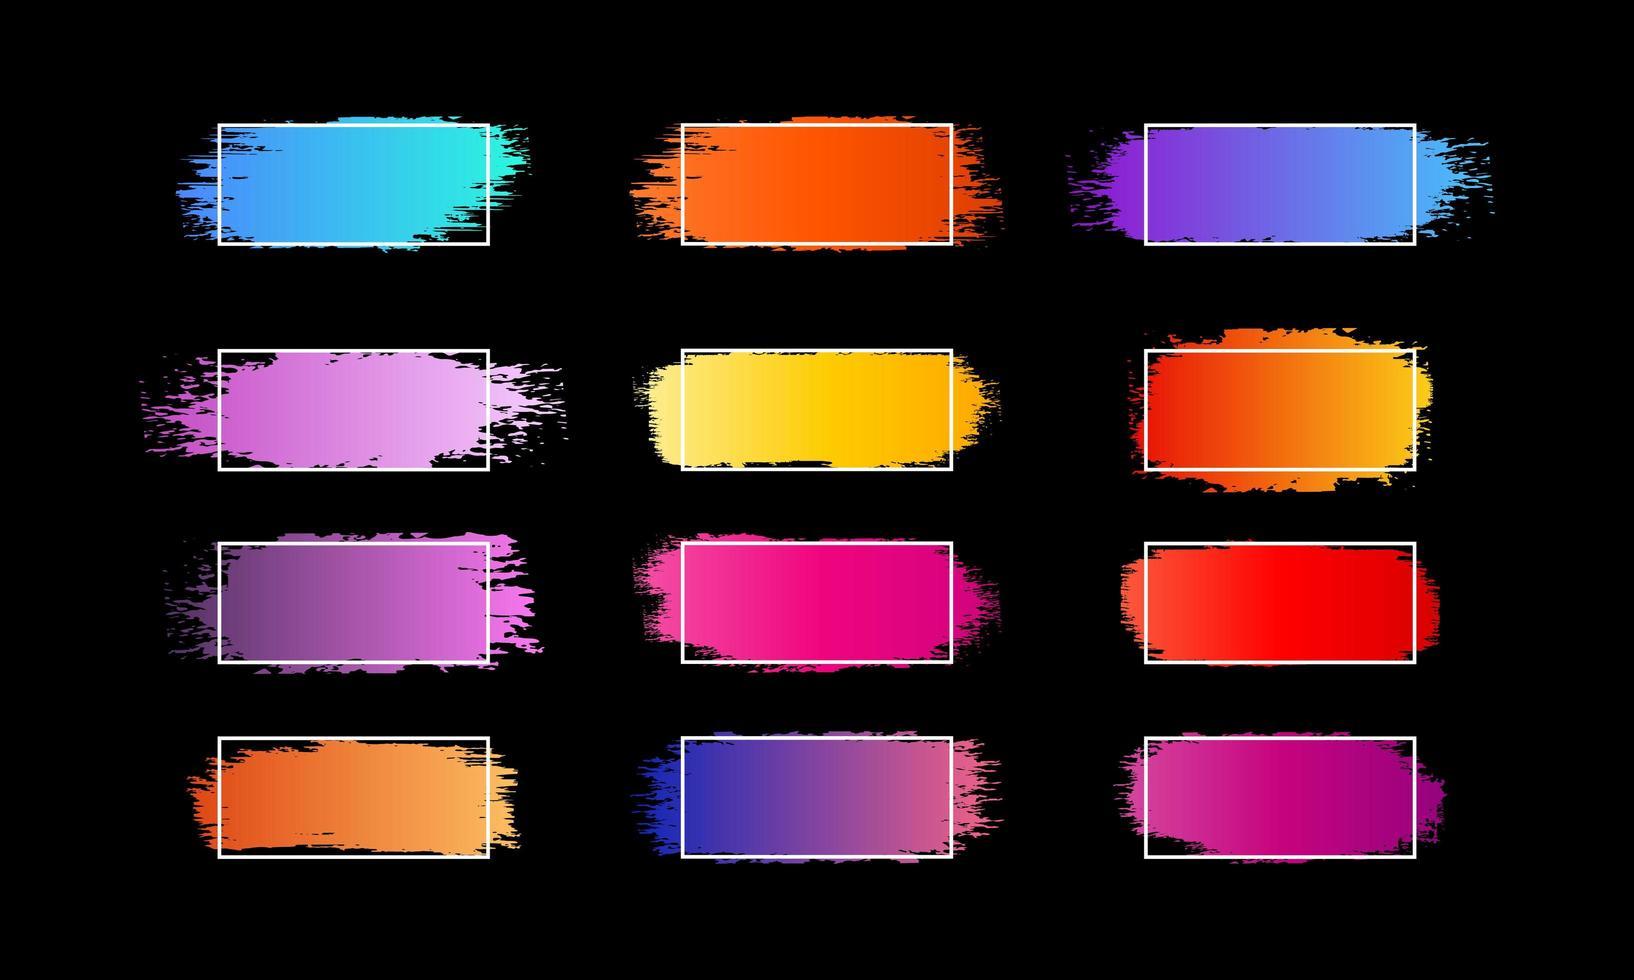 abstrakte Farbverlaufs-Pinselstriche mit weißem Rahmen vektor